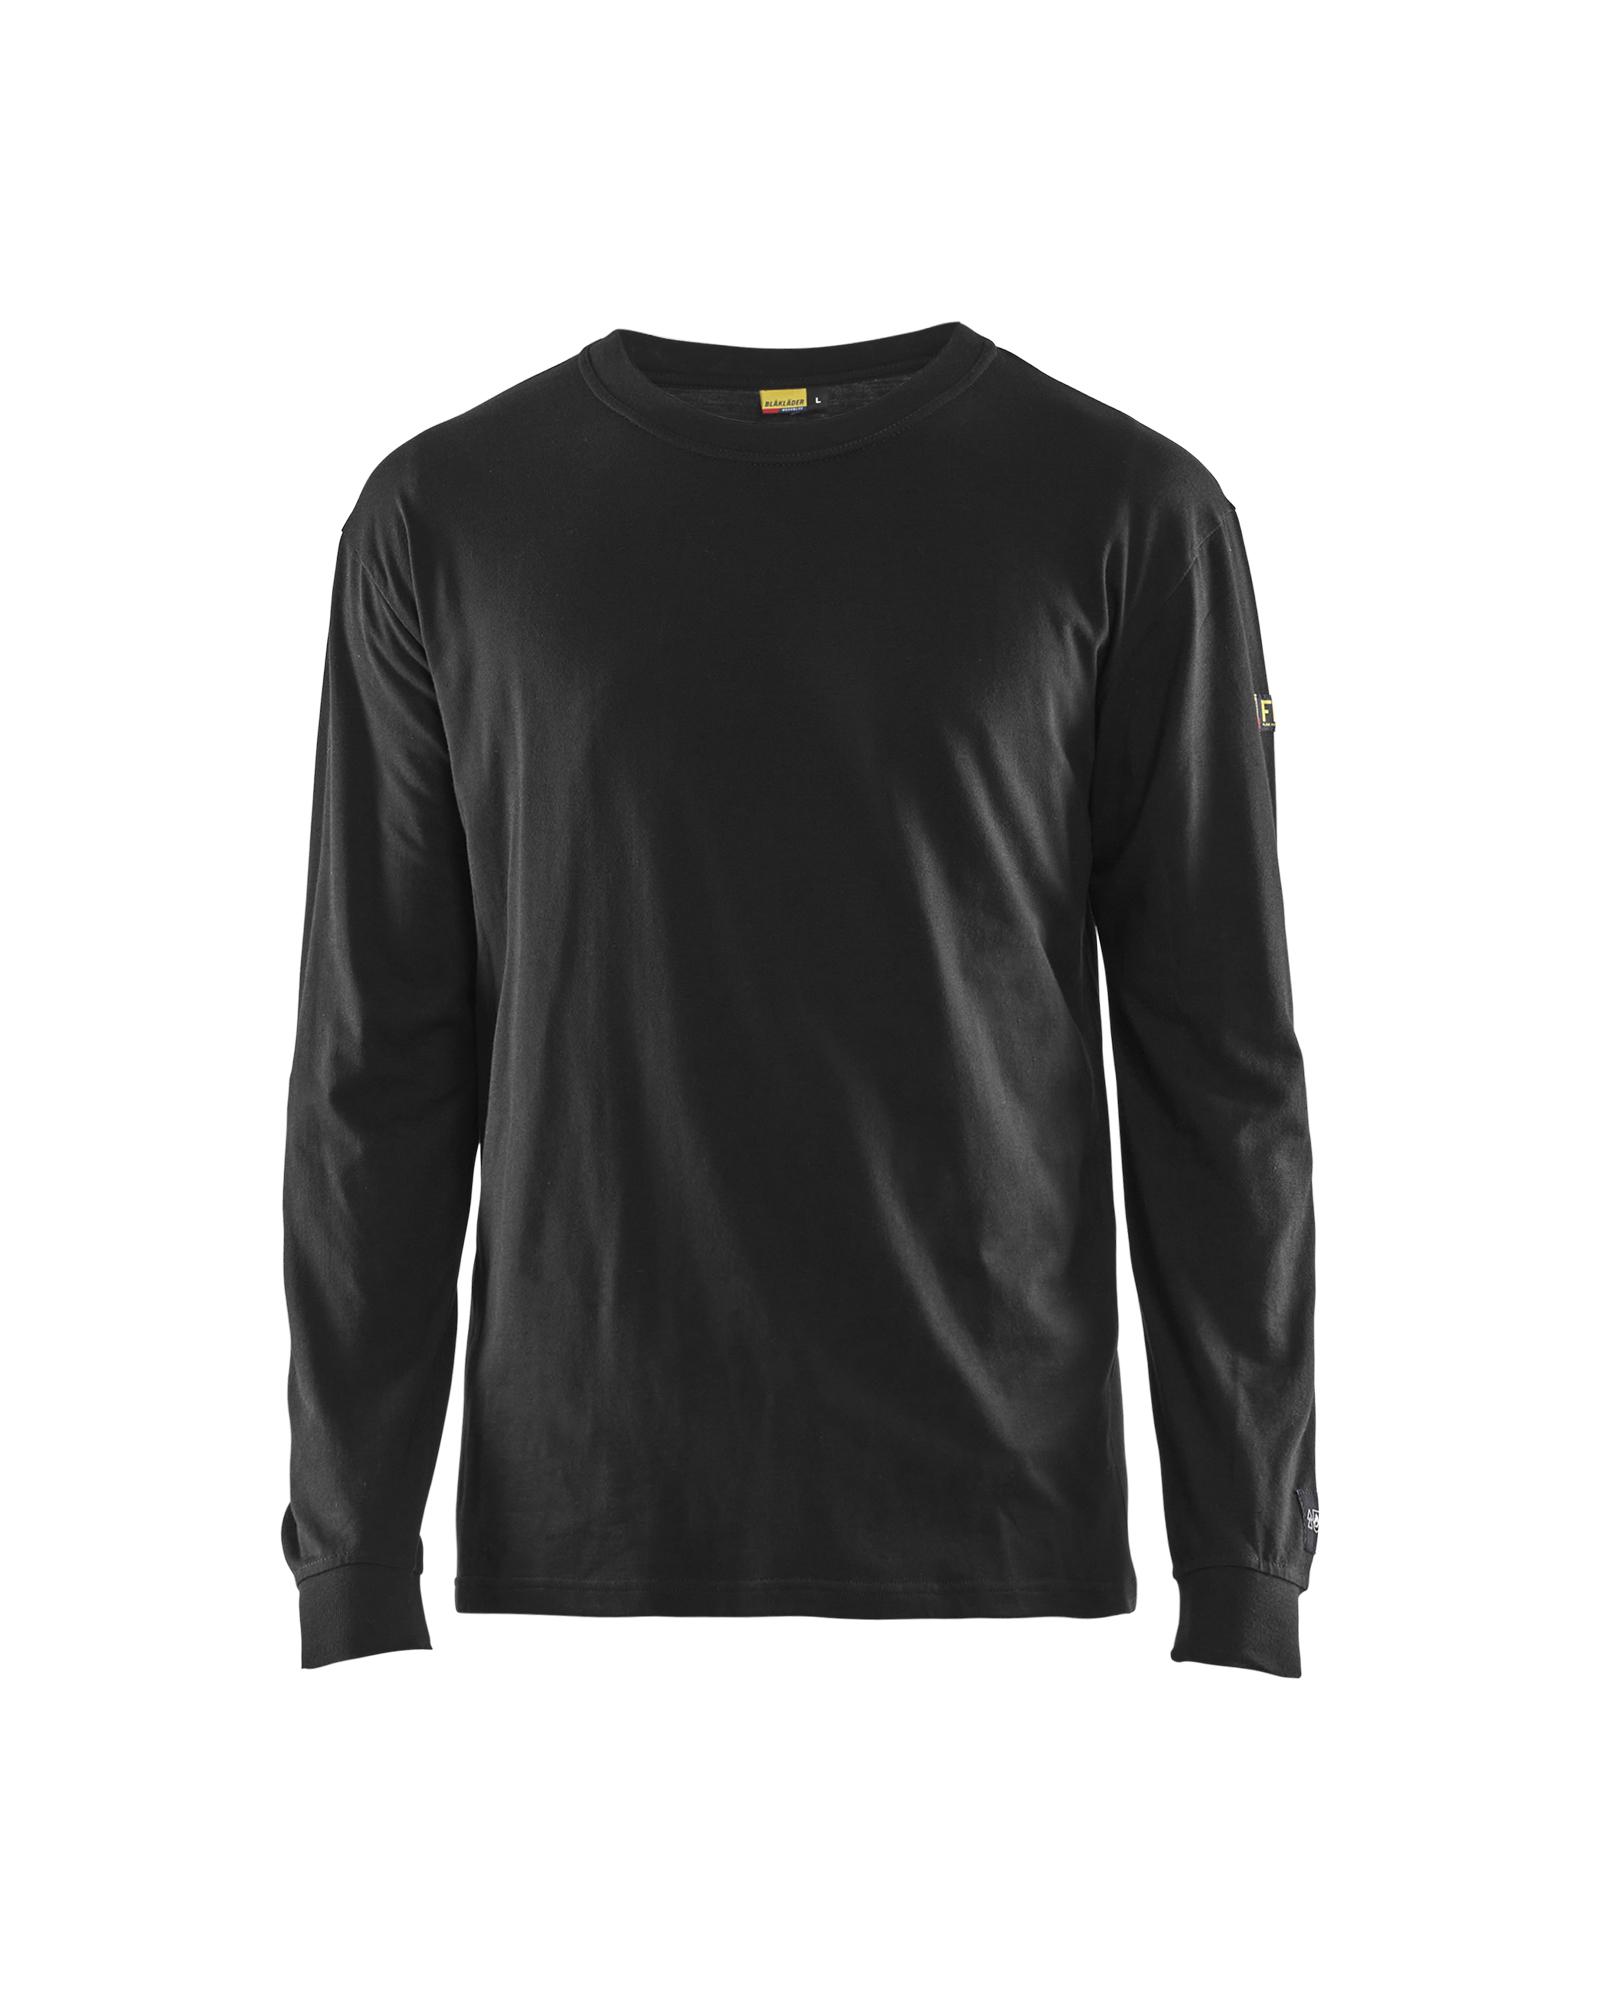 Vlamvertragend T-shirt lange mouwen